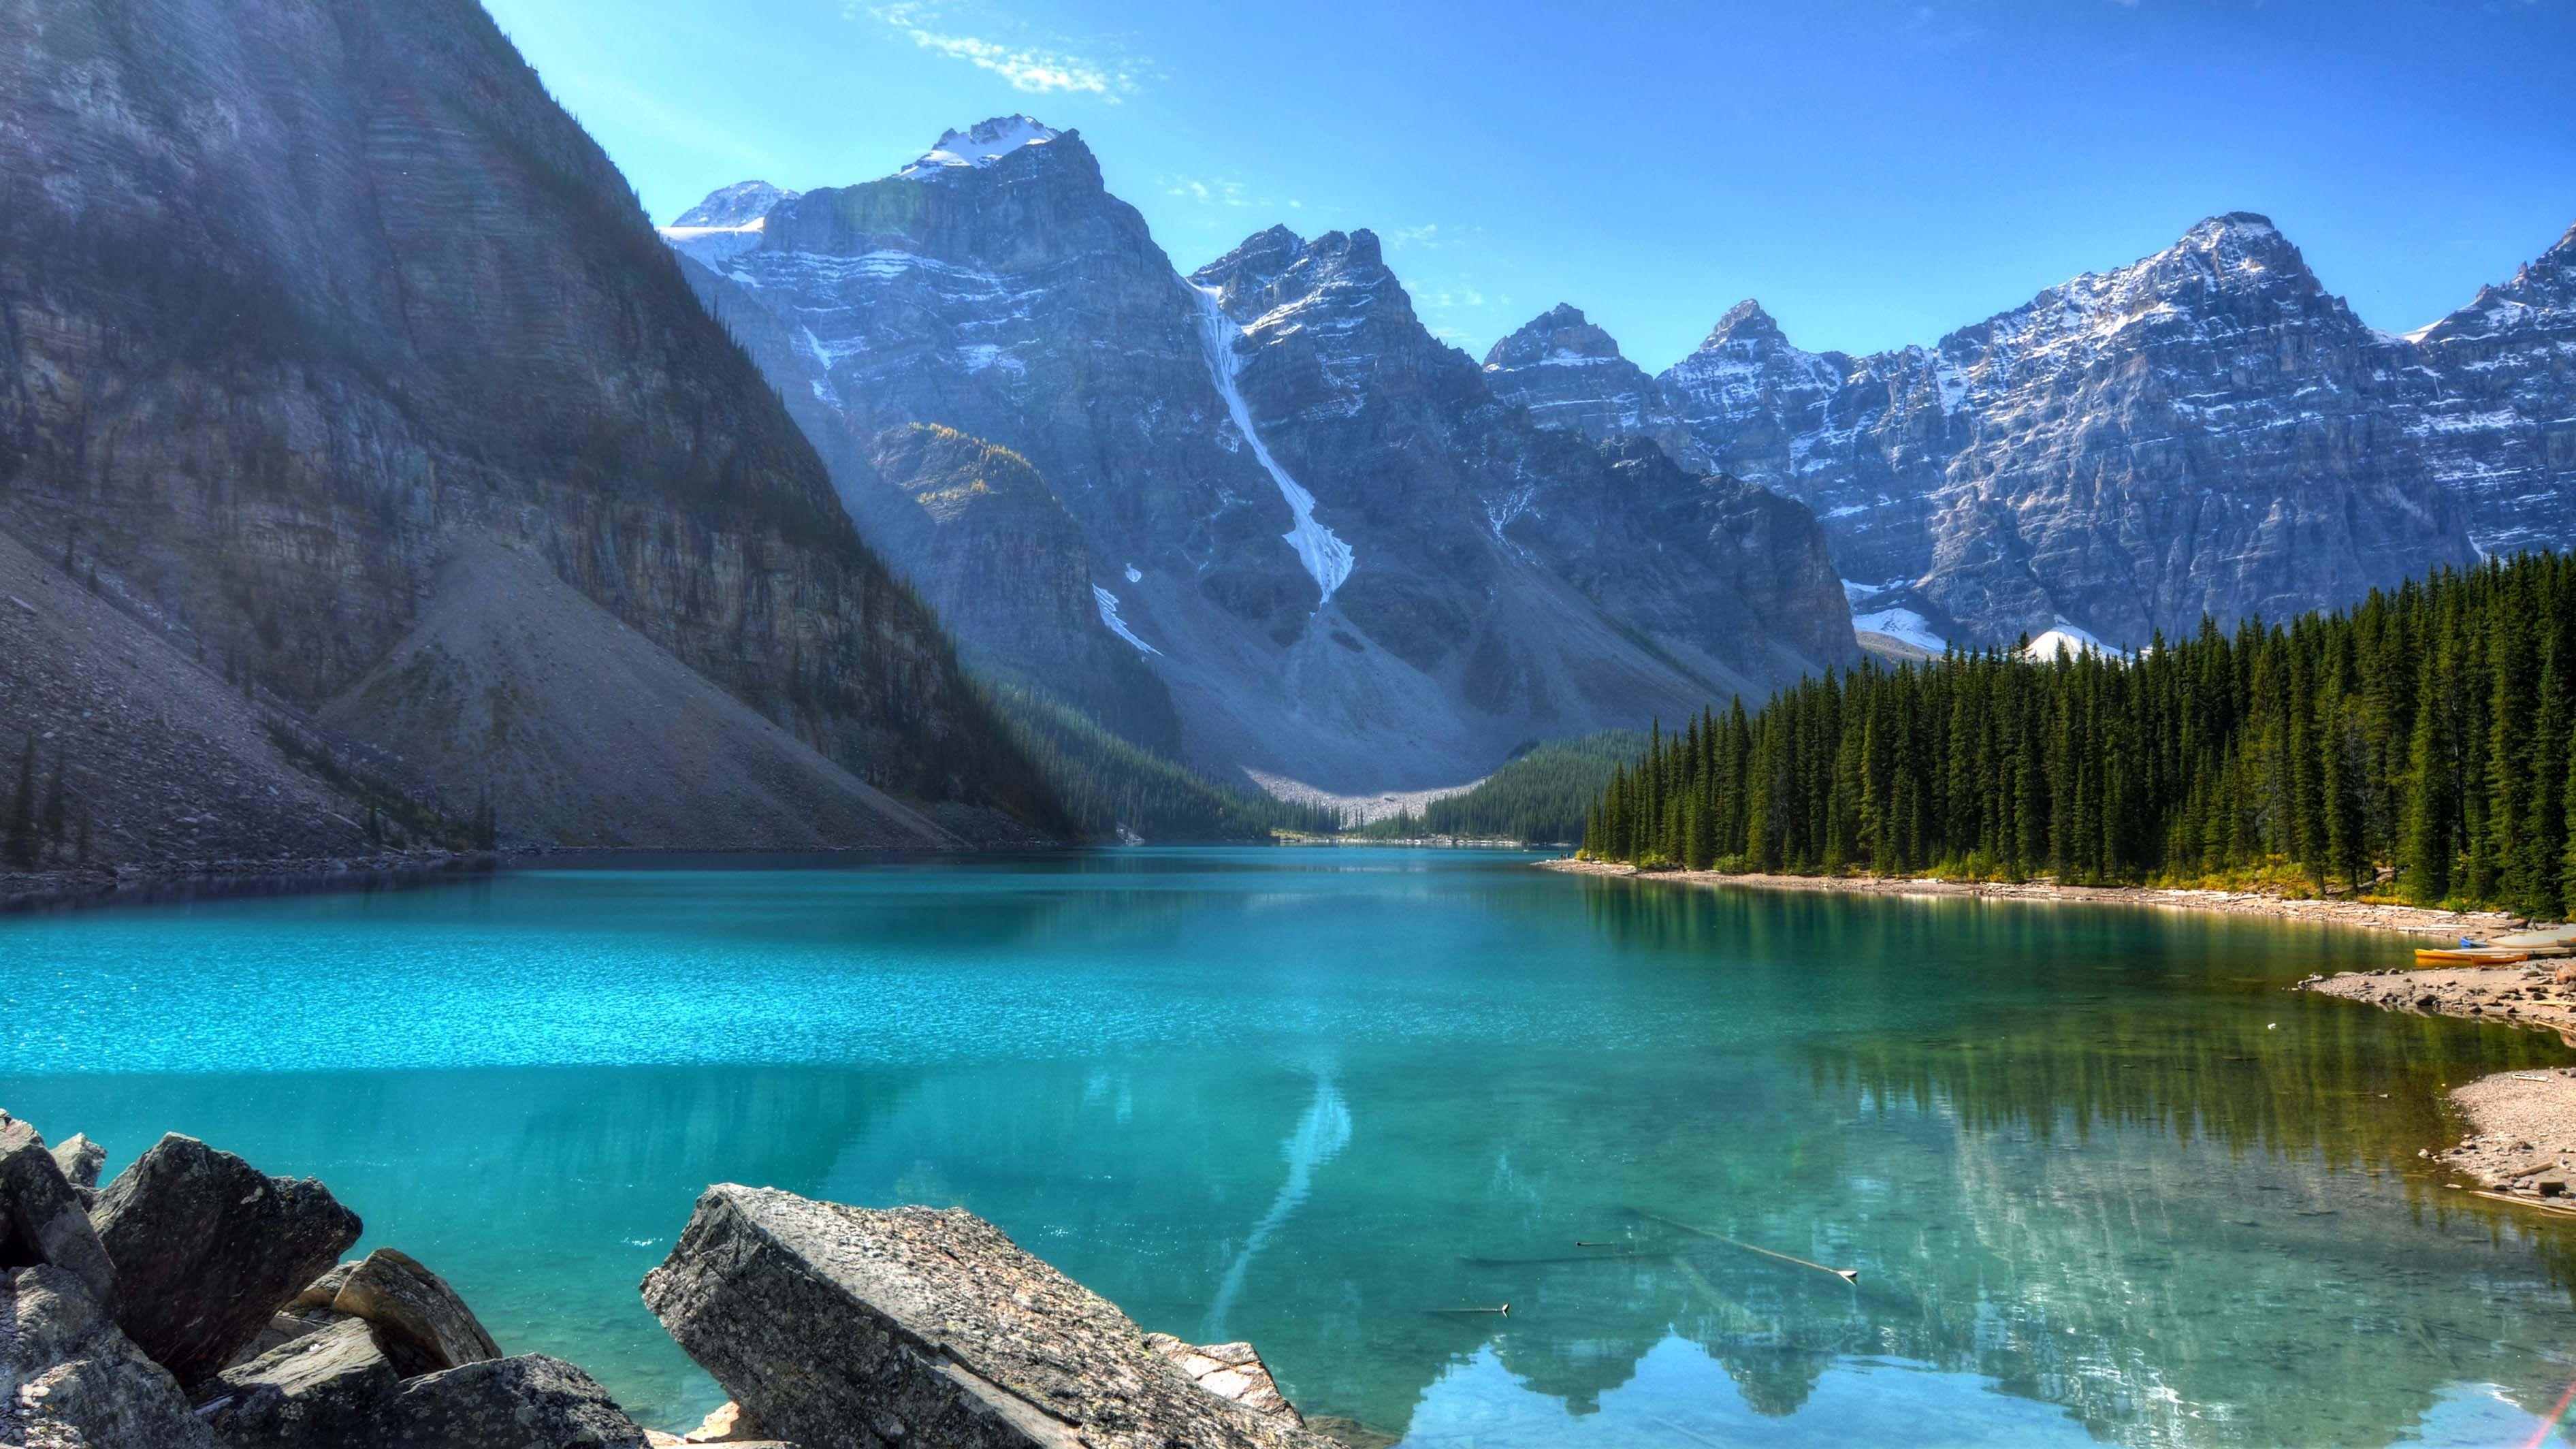 Montagne Lac Image Fond Ecran Lac Vacances Montagne